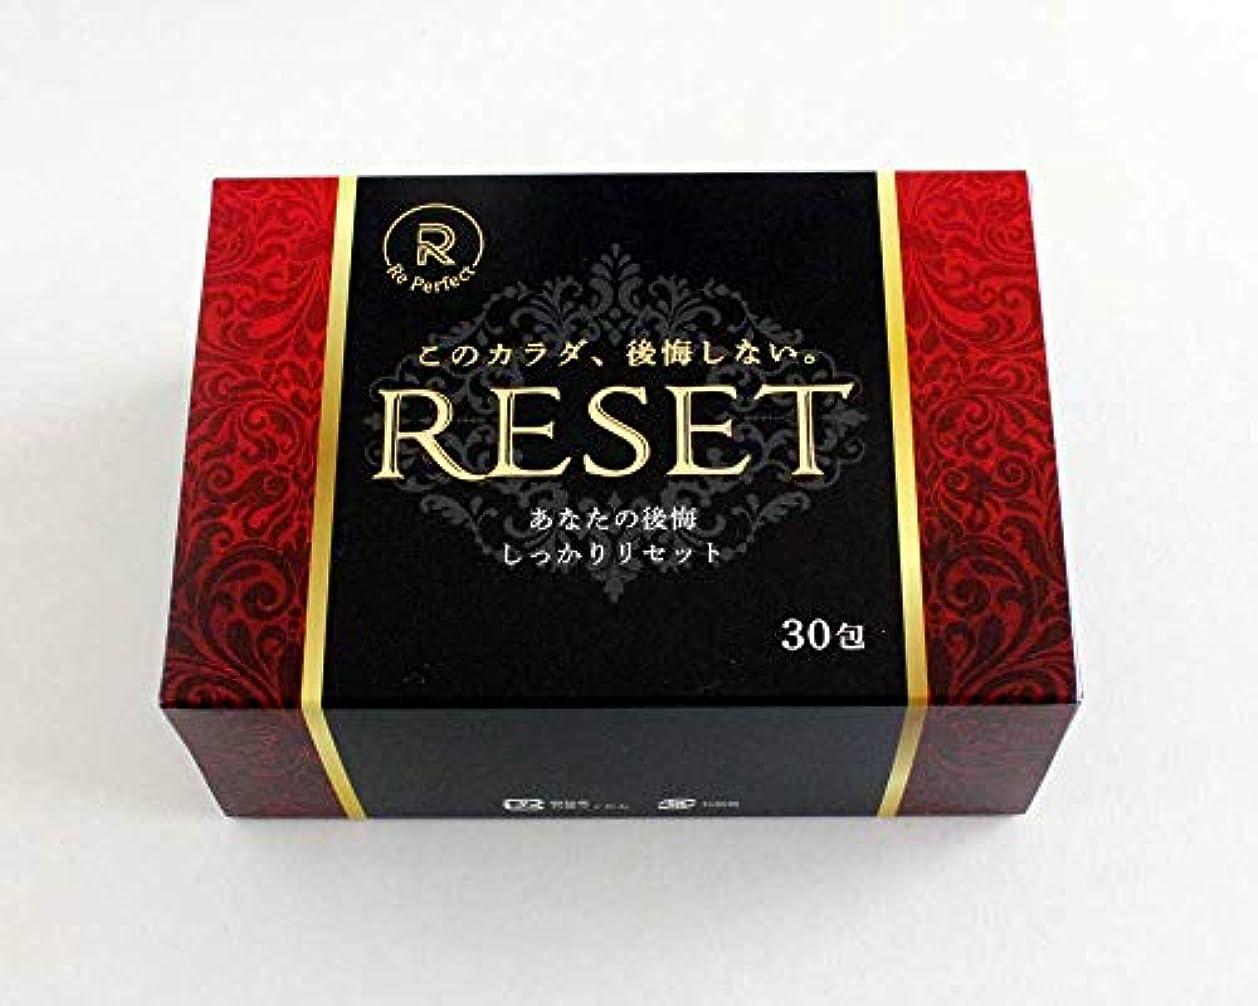 一緒に不十分な不道徳RESET(リセット)食べ過ぎた食事&アルコールの代謝?分解をサポートサプリ